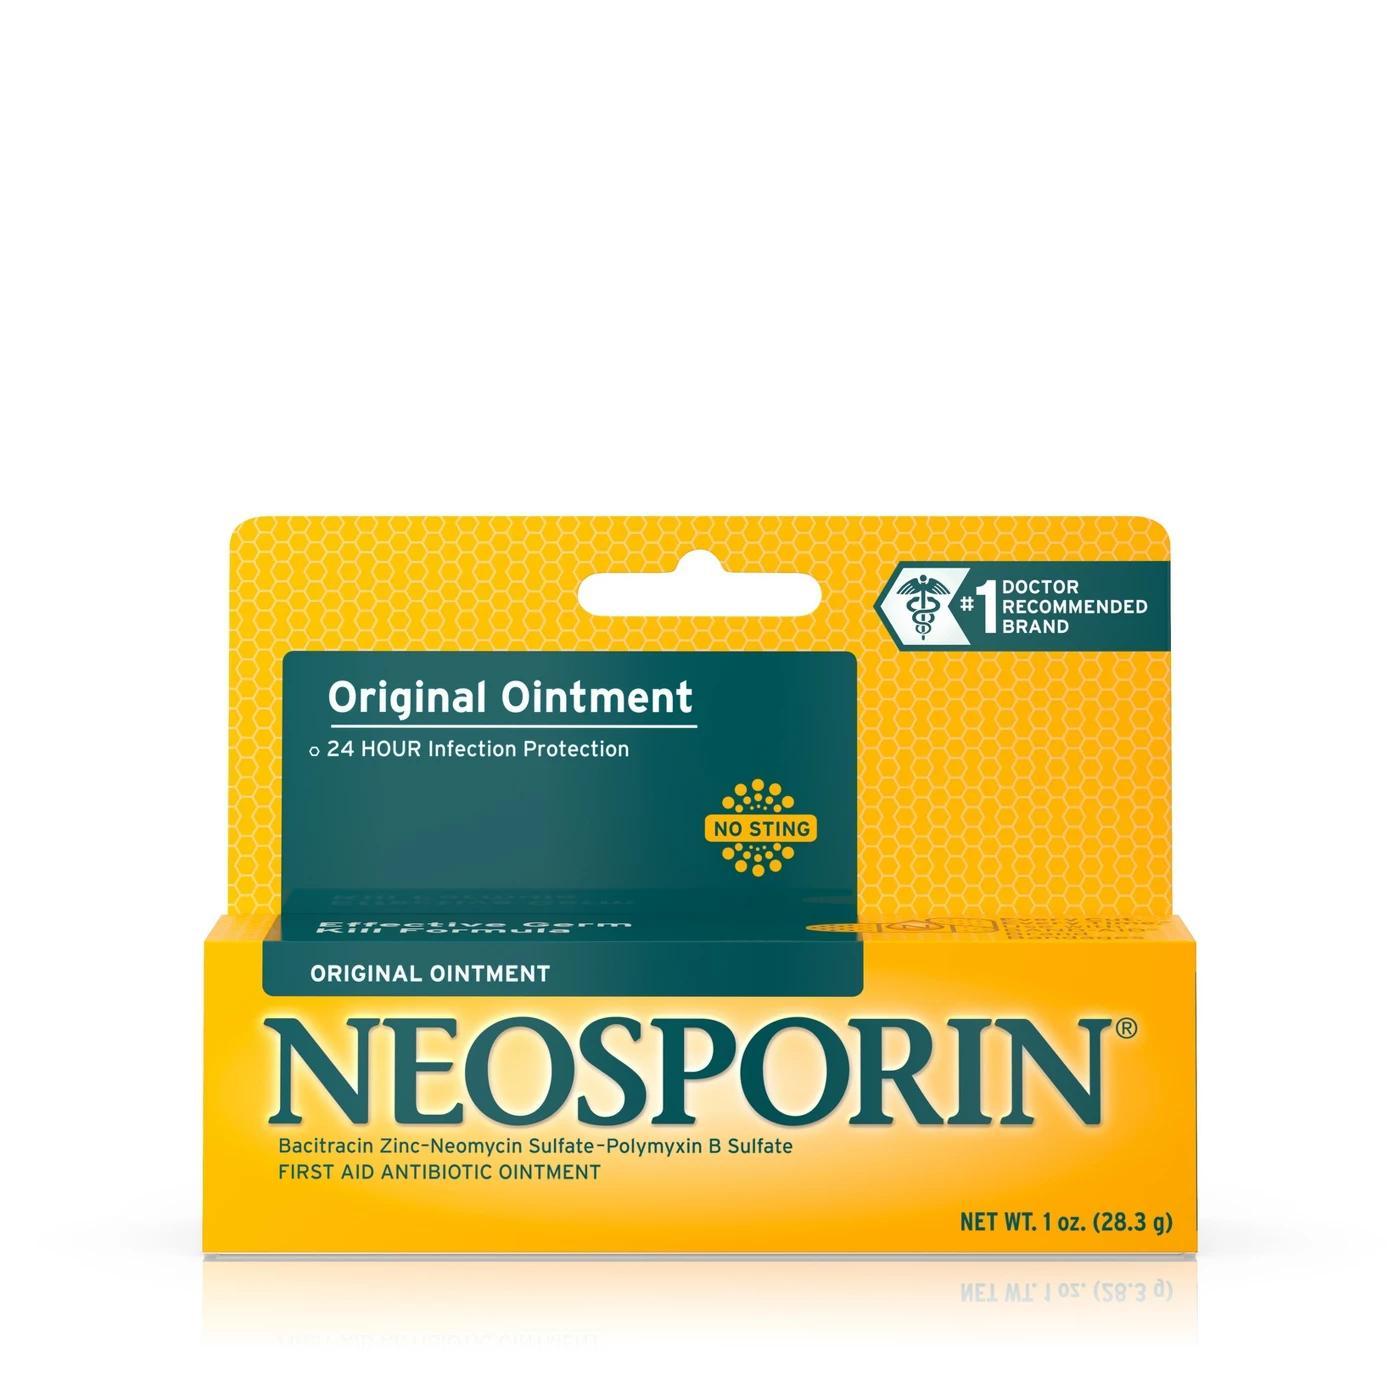 Neosporin Original 28.3g | Kem mỡ sát trùng sơ cứu vết thương | Mua tại Mỹ